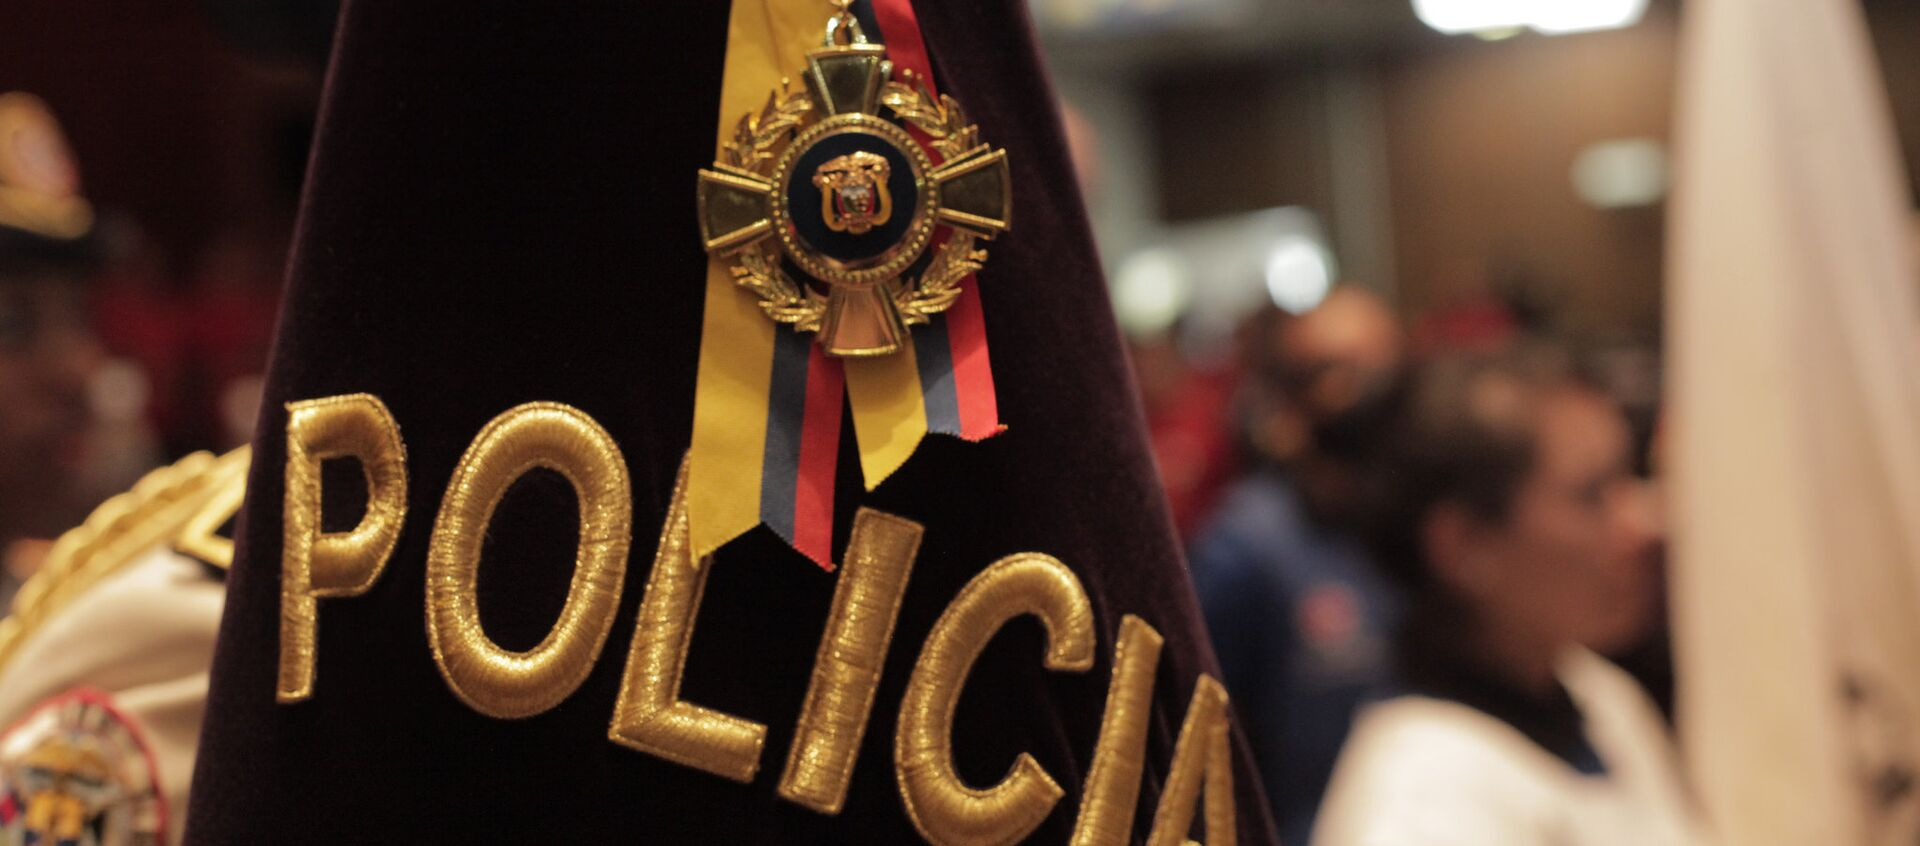 Policía de Ecuador - Sputnik Mundo, 1920, 28.01.2021